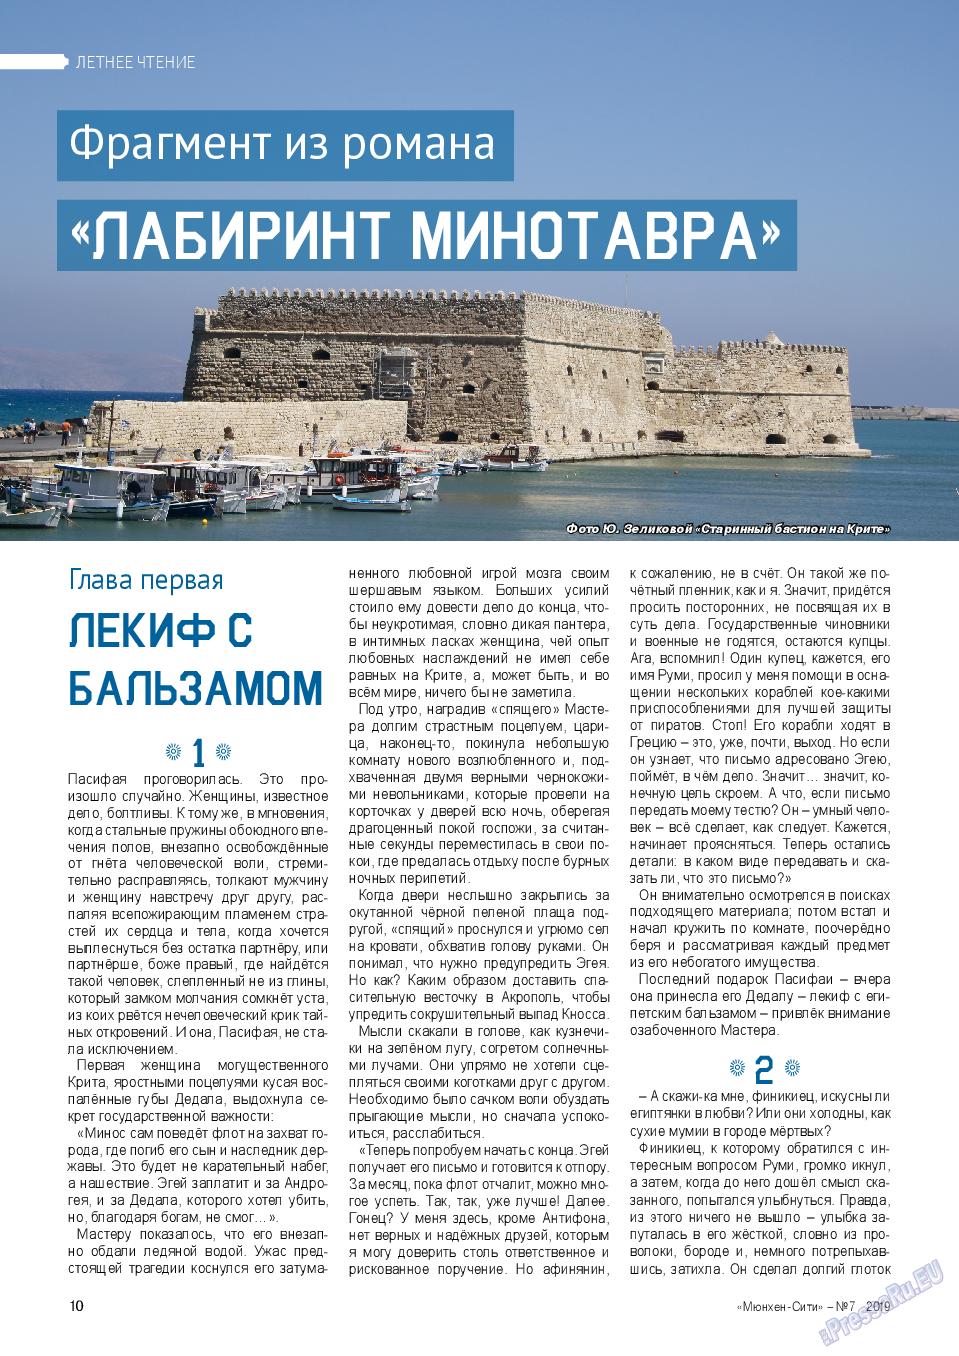 Мюнхен-сити (журнал). 2019 год, номер 95, стр. 10